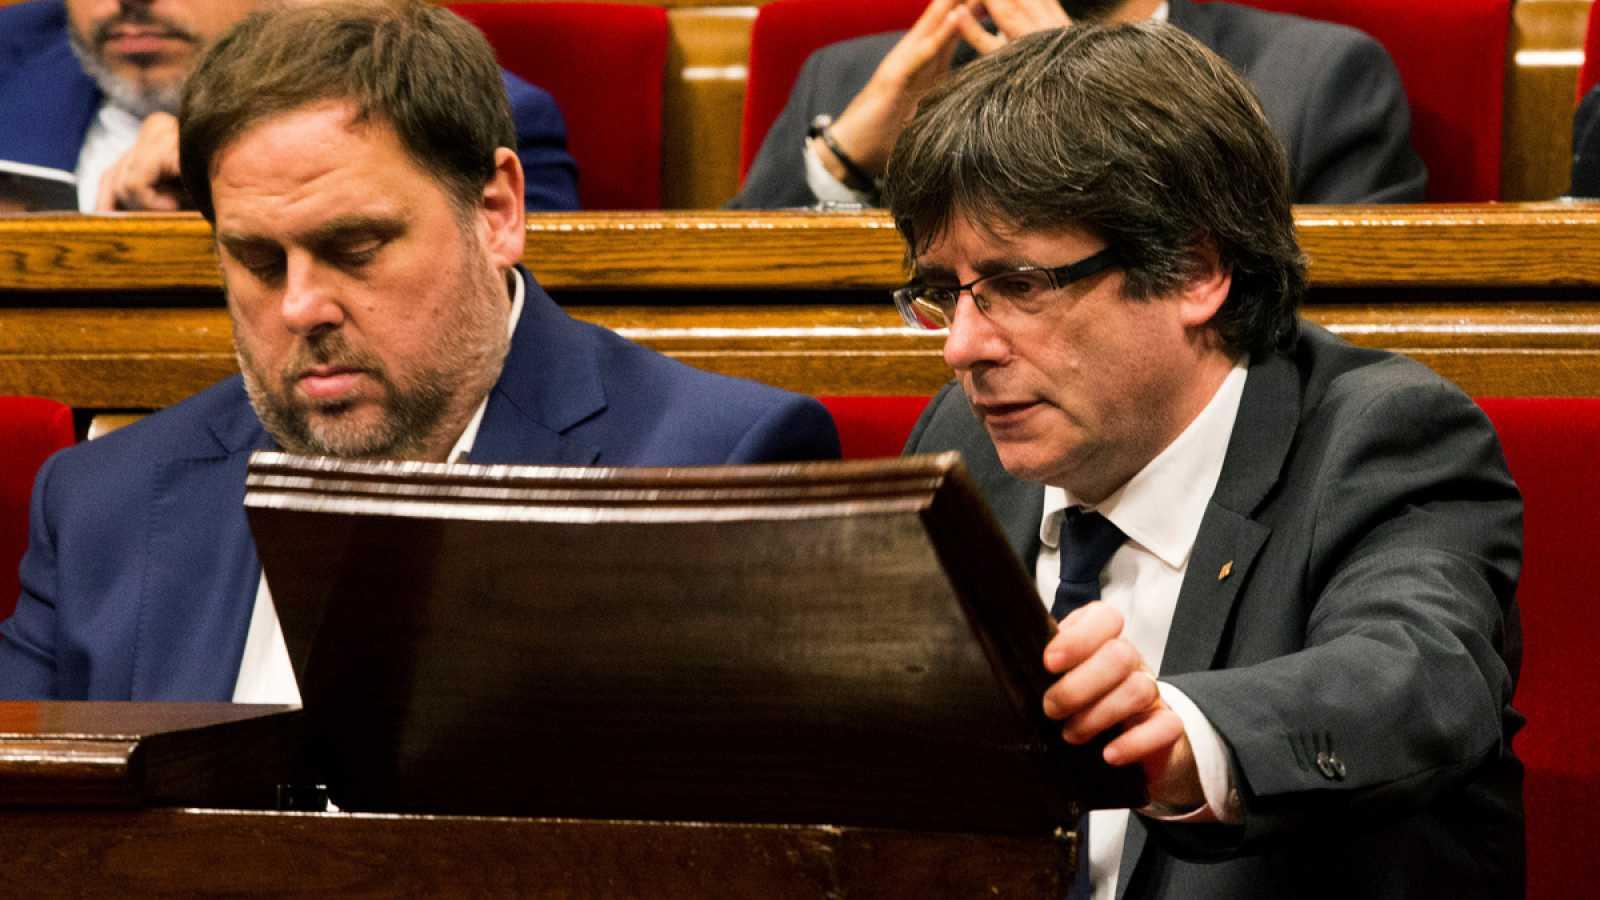 El Tribunal Supremo confirma el procesamiento por rebelión de Puigdemont y Junqueras